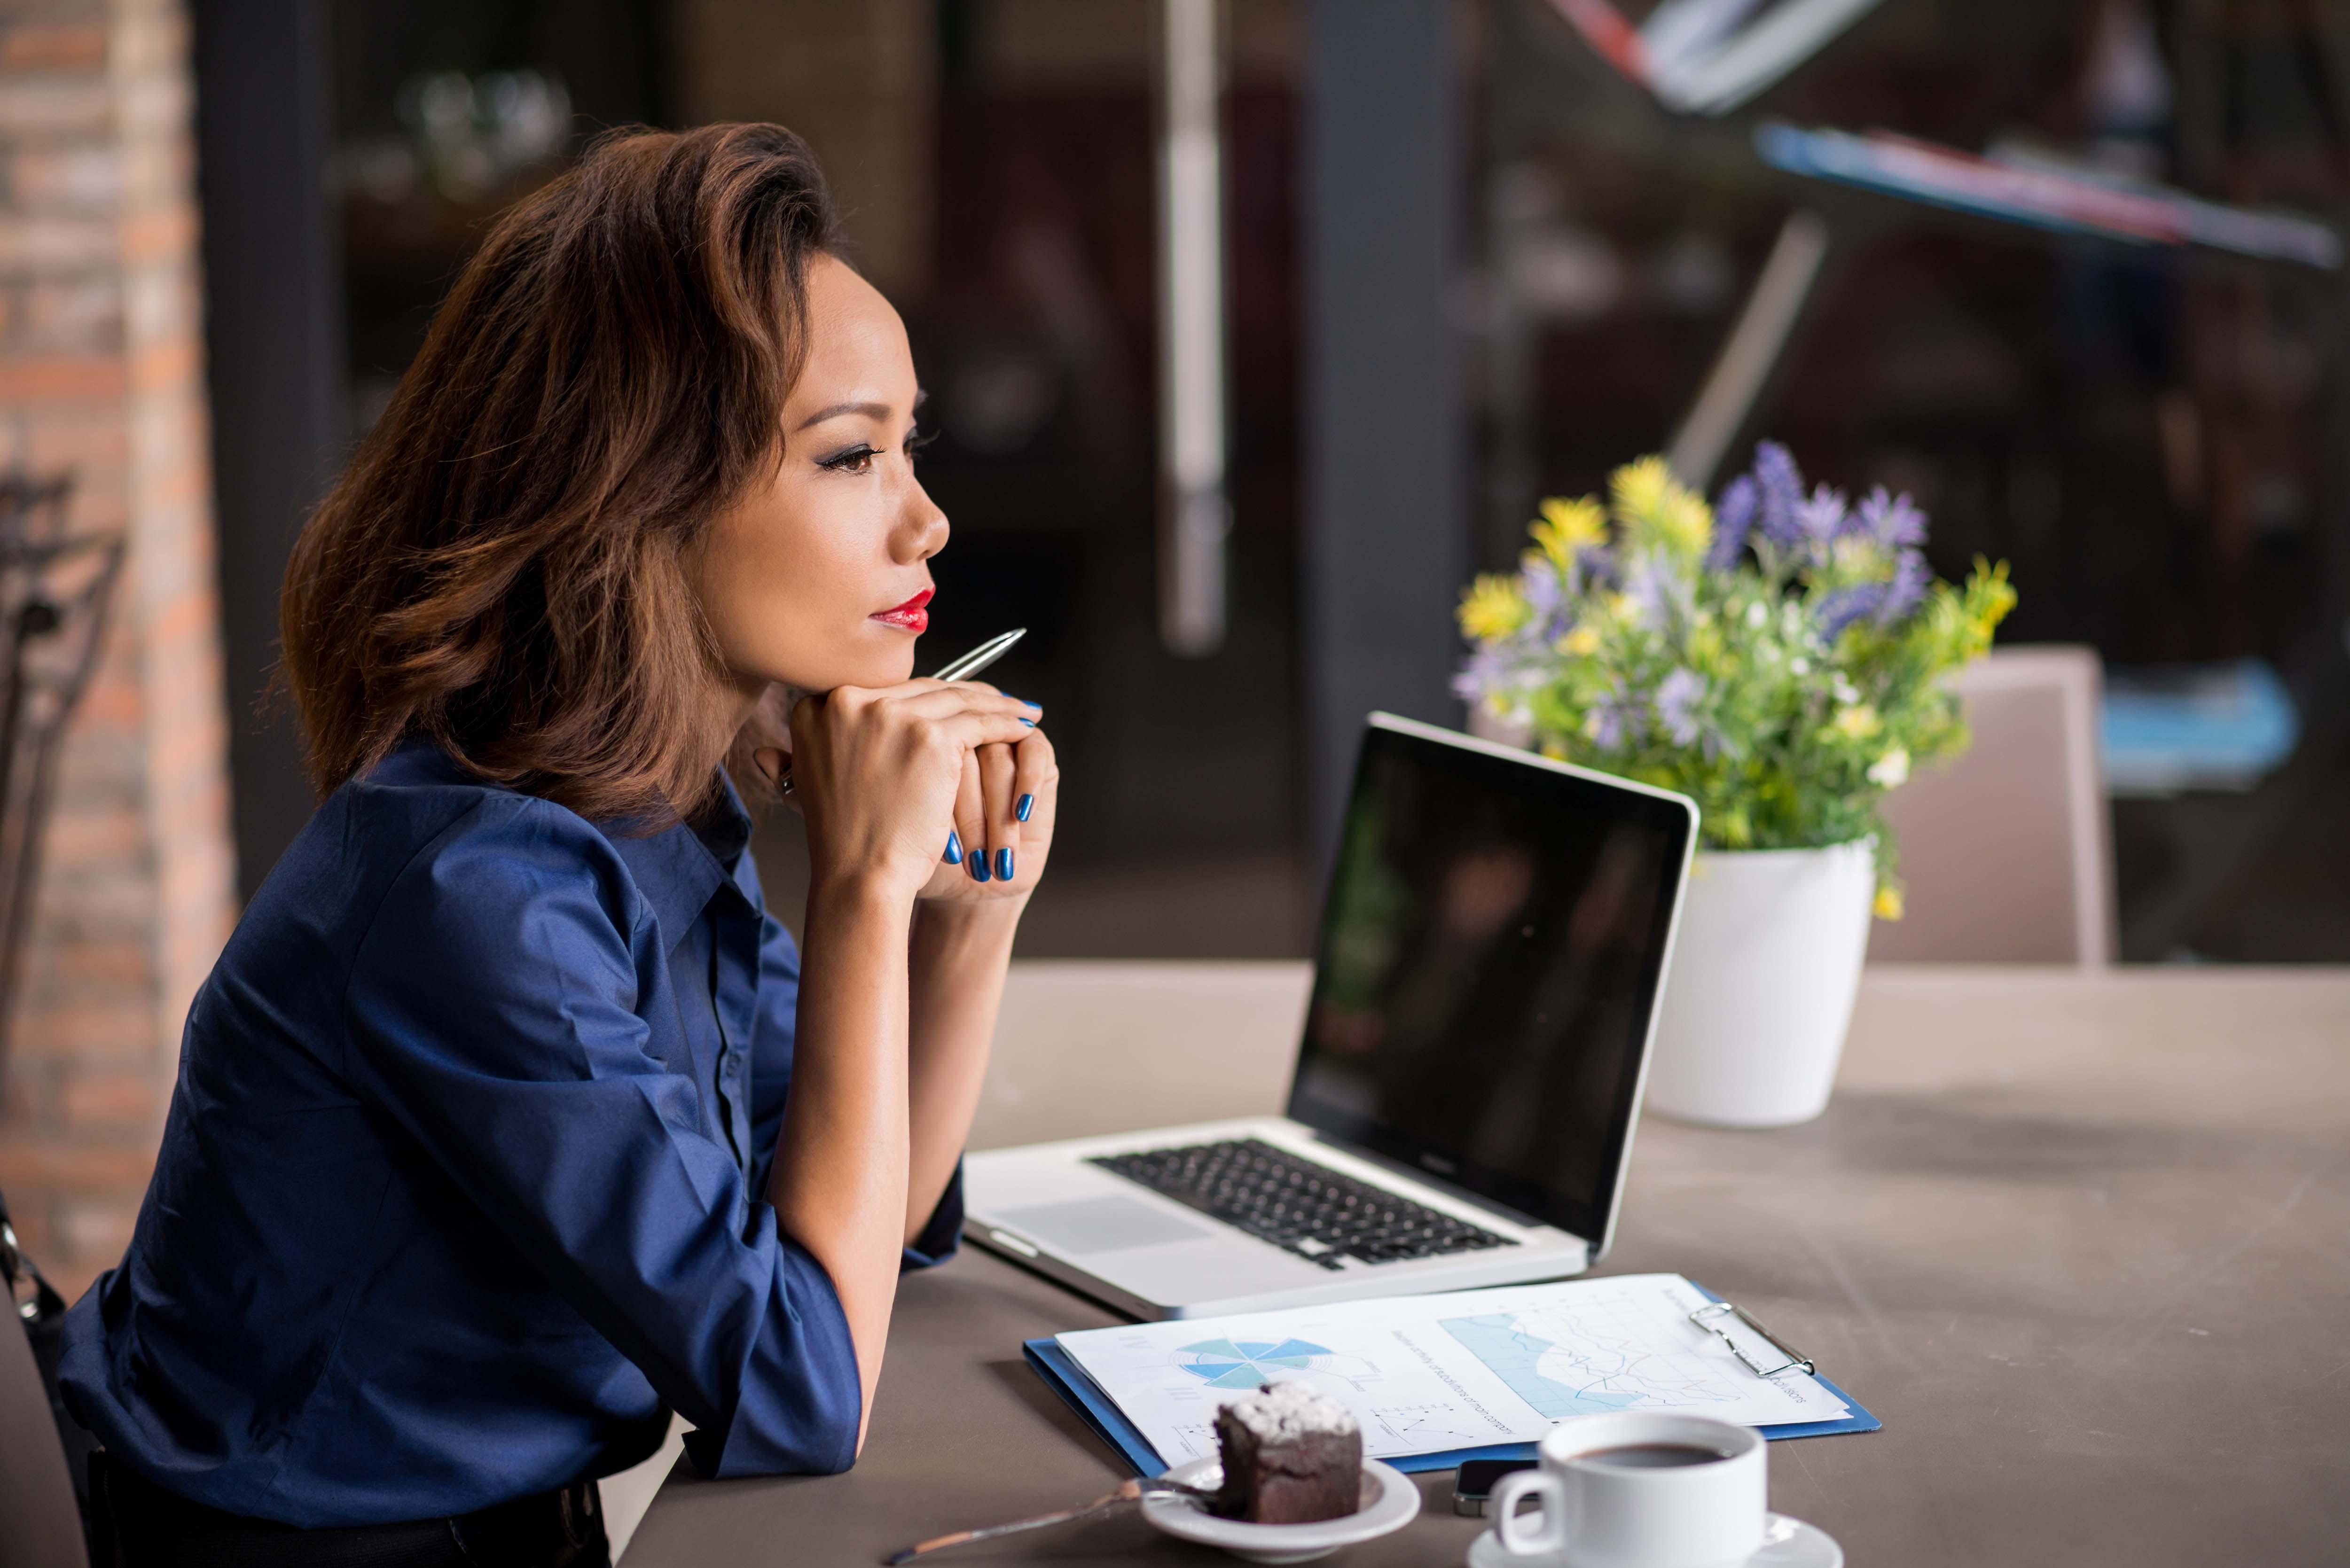 phụ nữ học quản lý tài chính